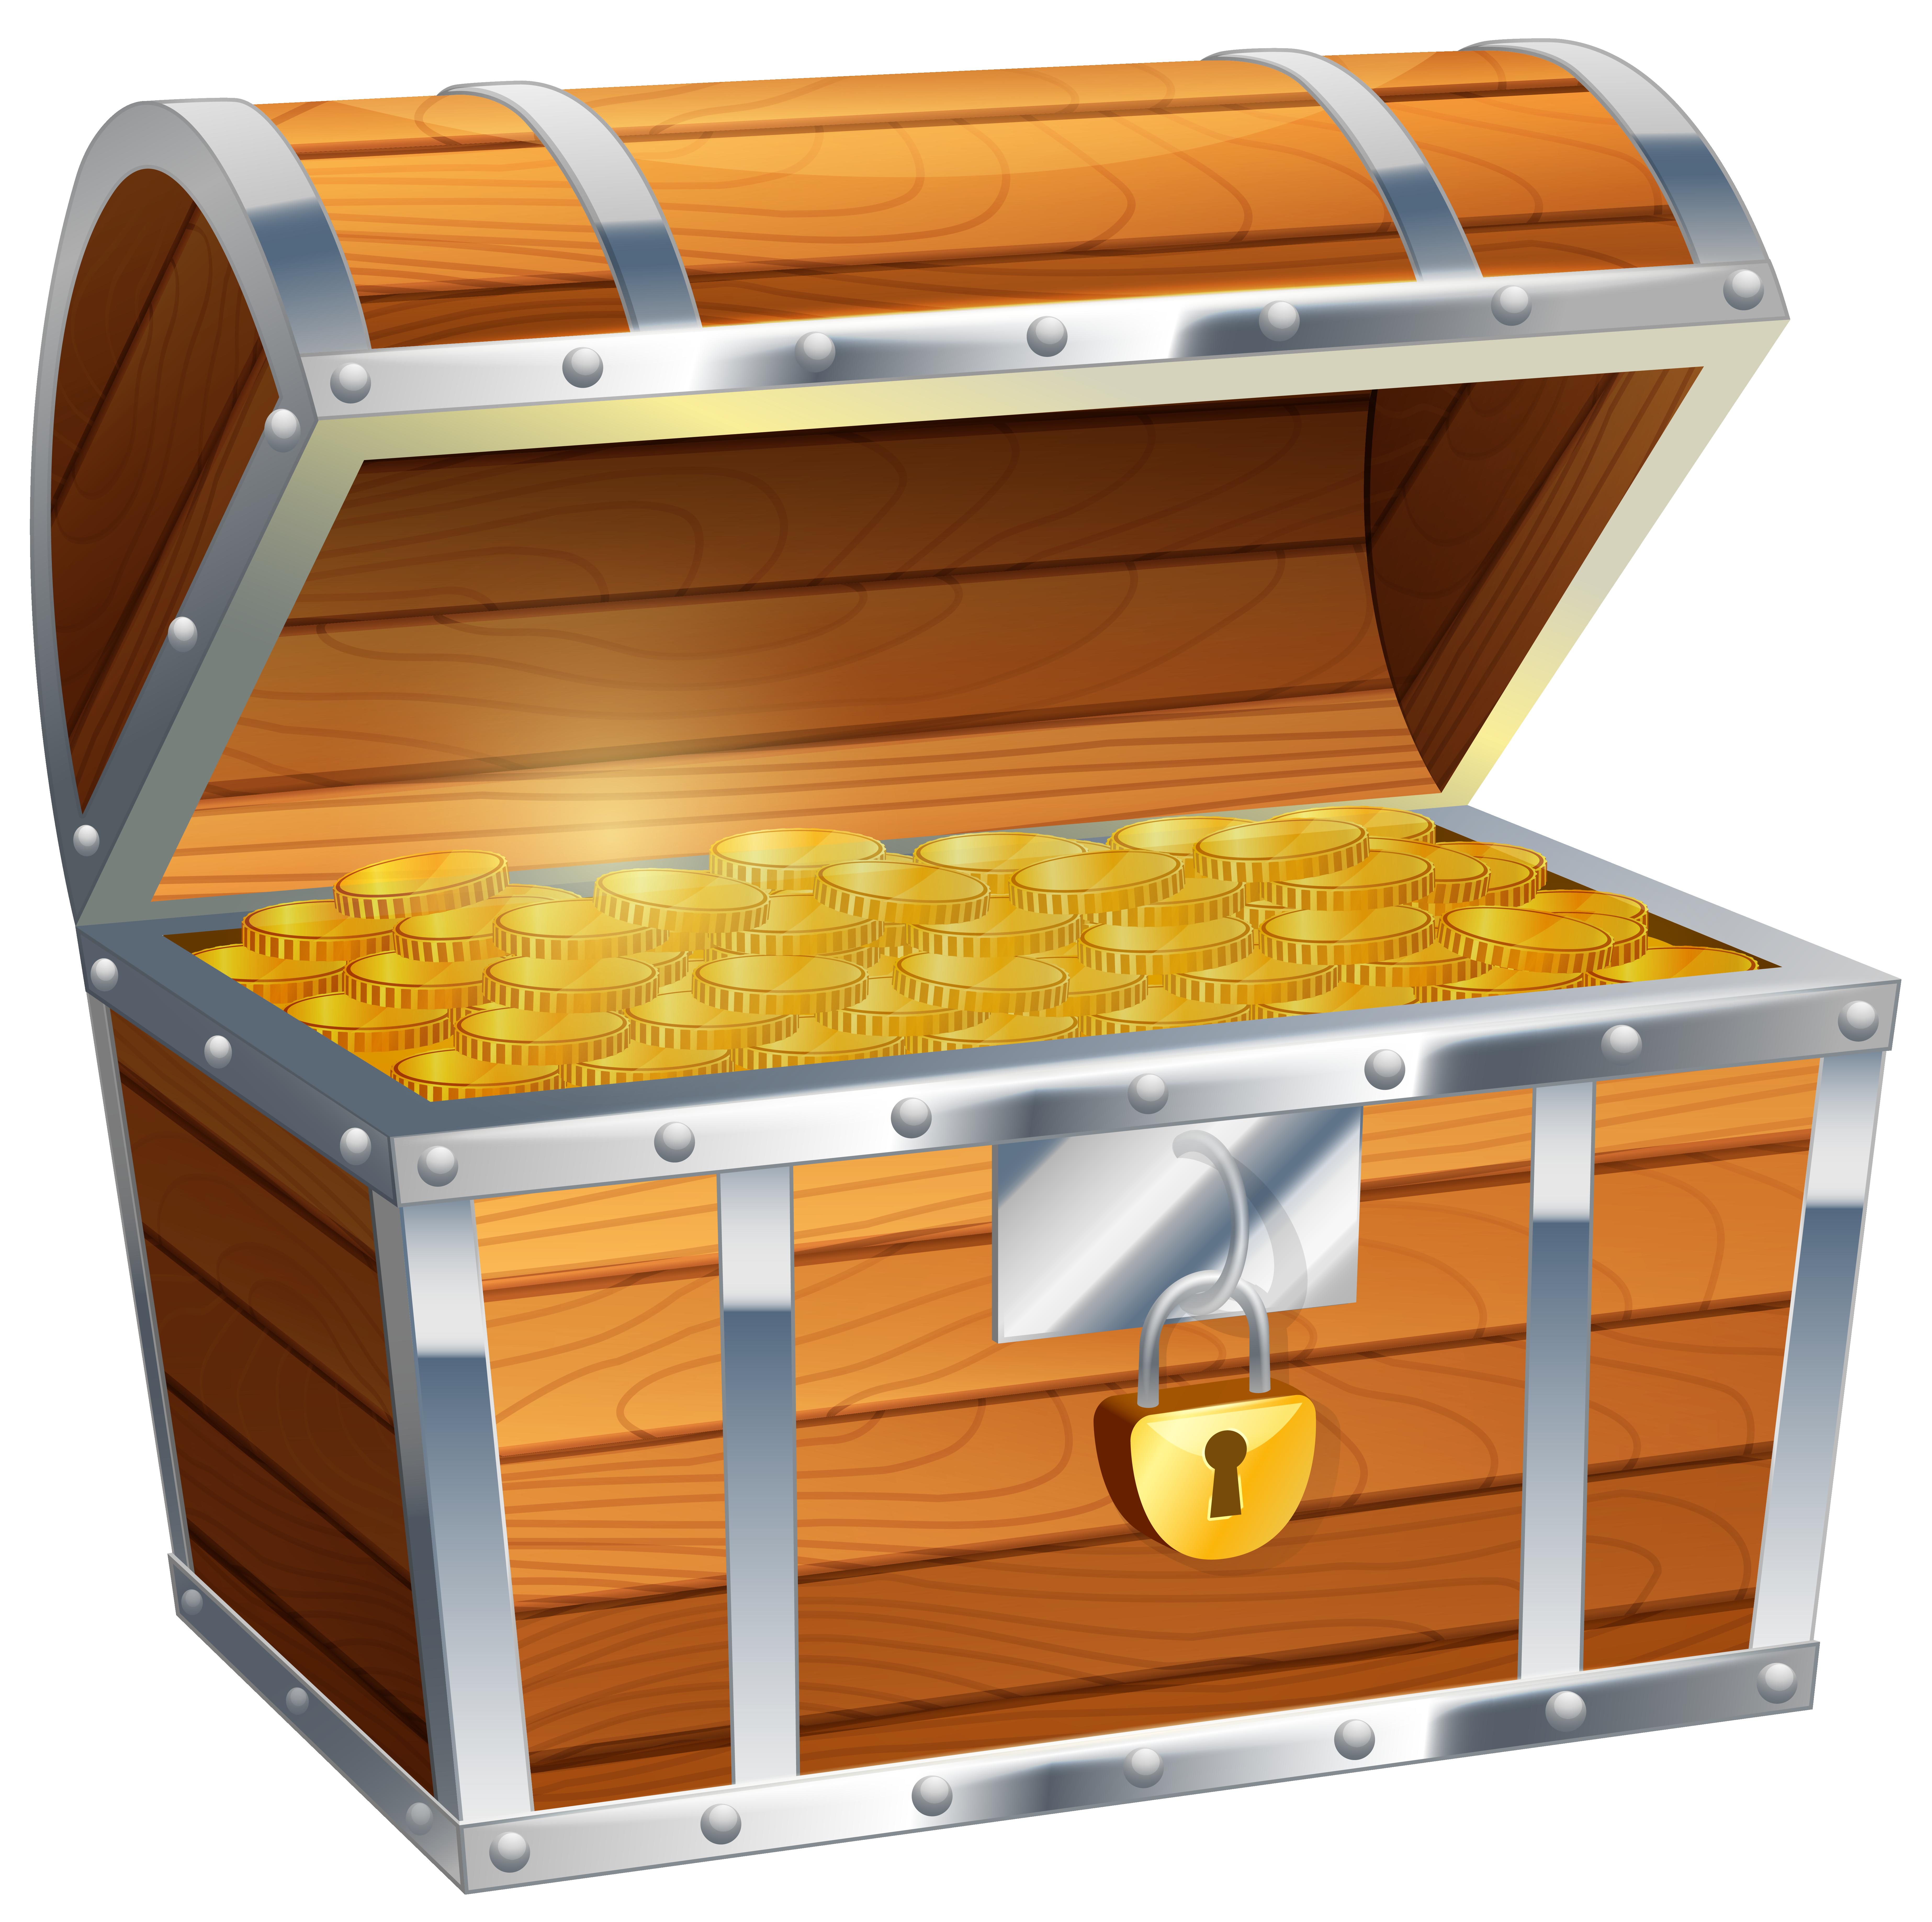 Treasure chest clip art image